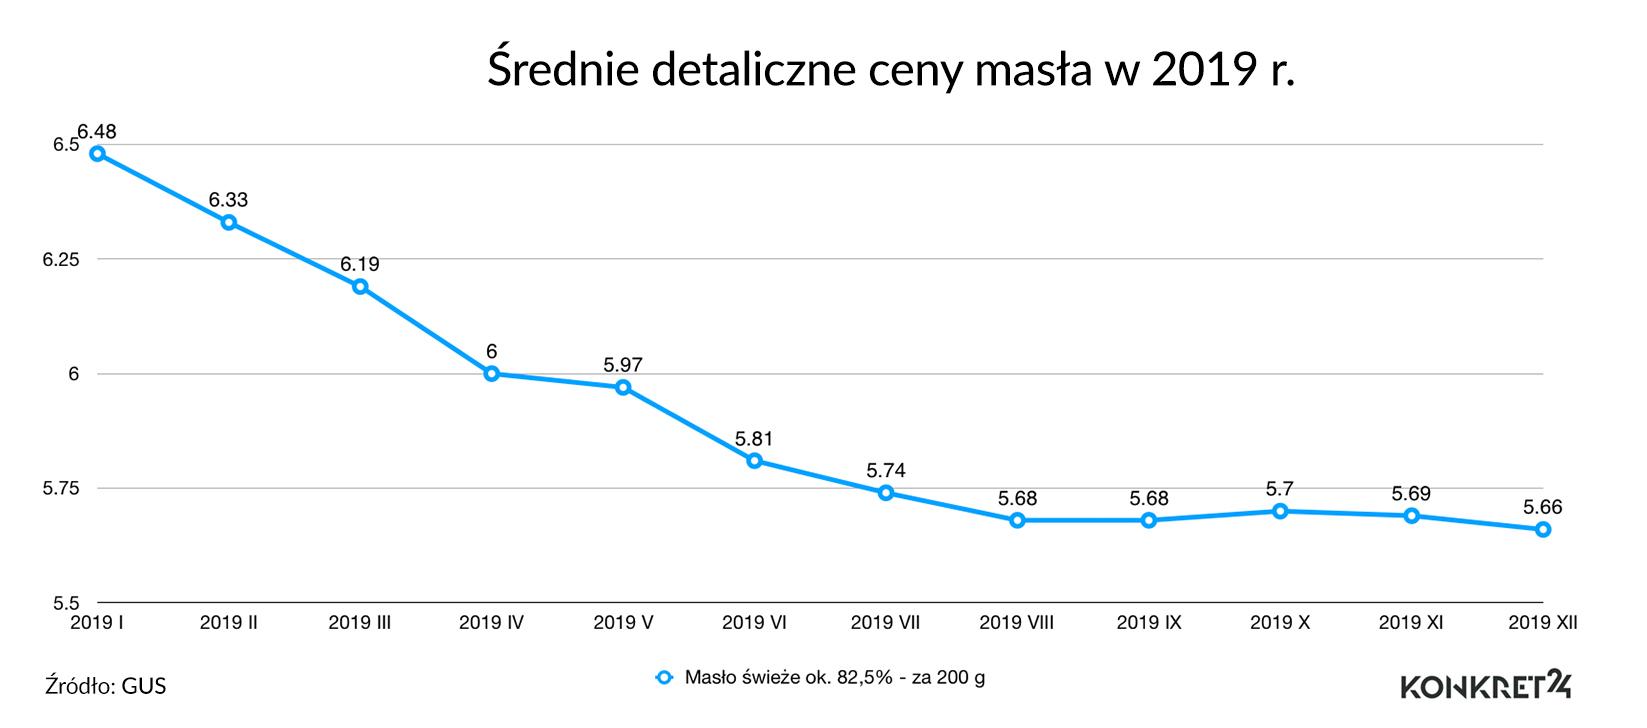 Średnie detaliczne ceny masła w 2019 roku